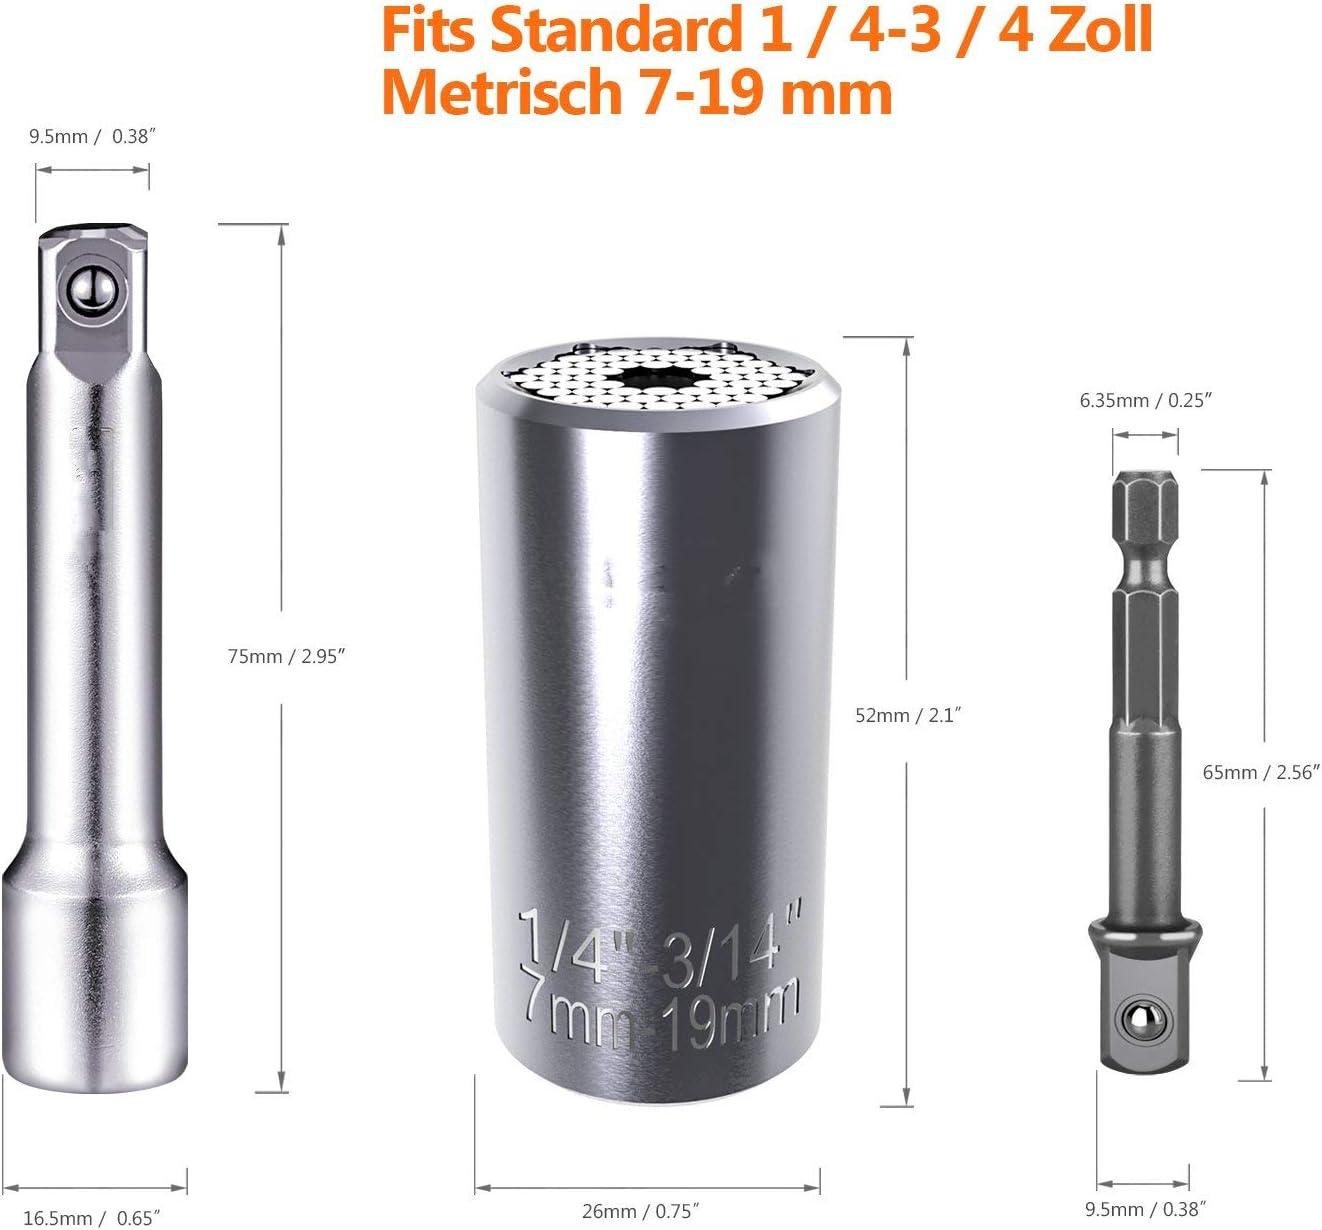 Nifogo llave universal,Universal Llave de Vaso,Multifunci/ón Herramientas 7-19mm,con Acero al Cromo Vanadio 4 PCS